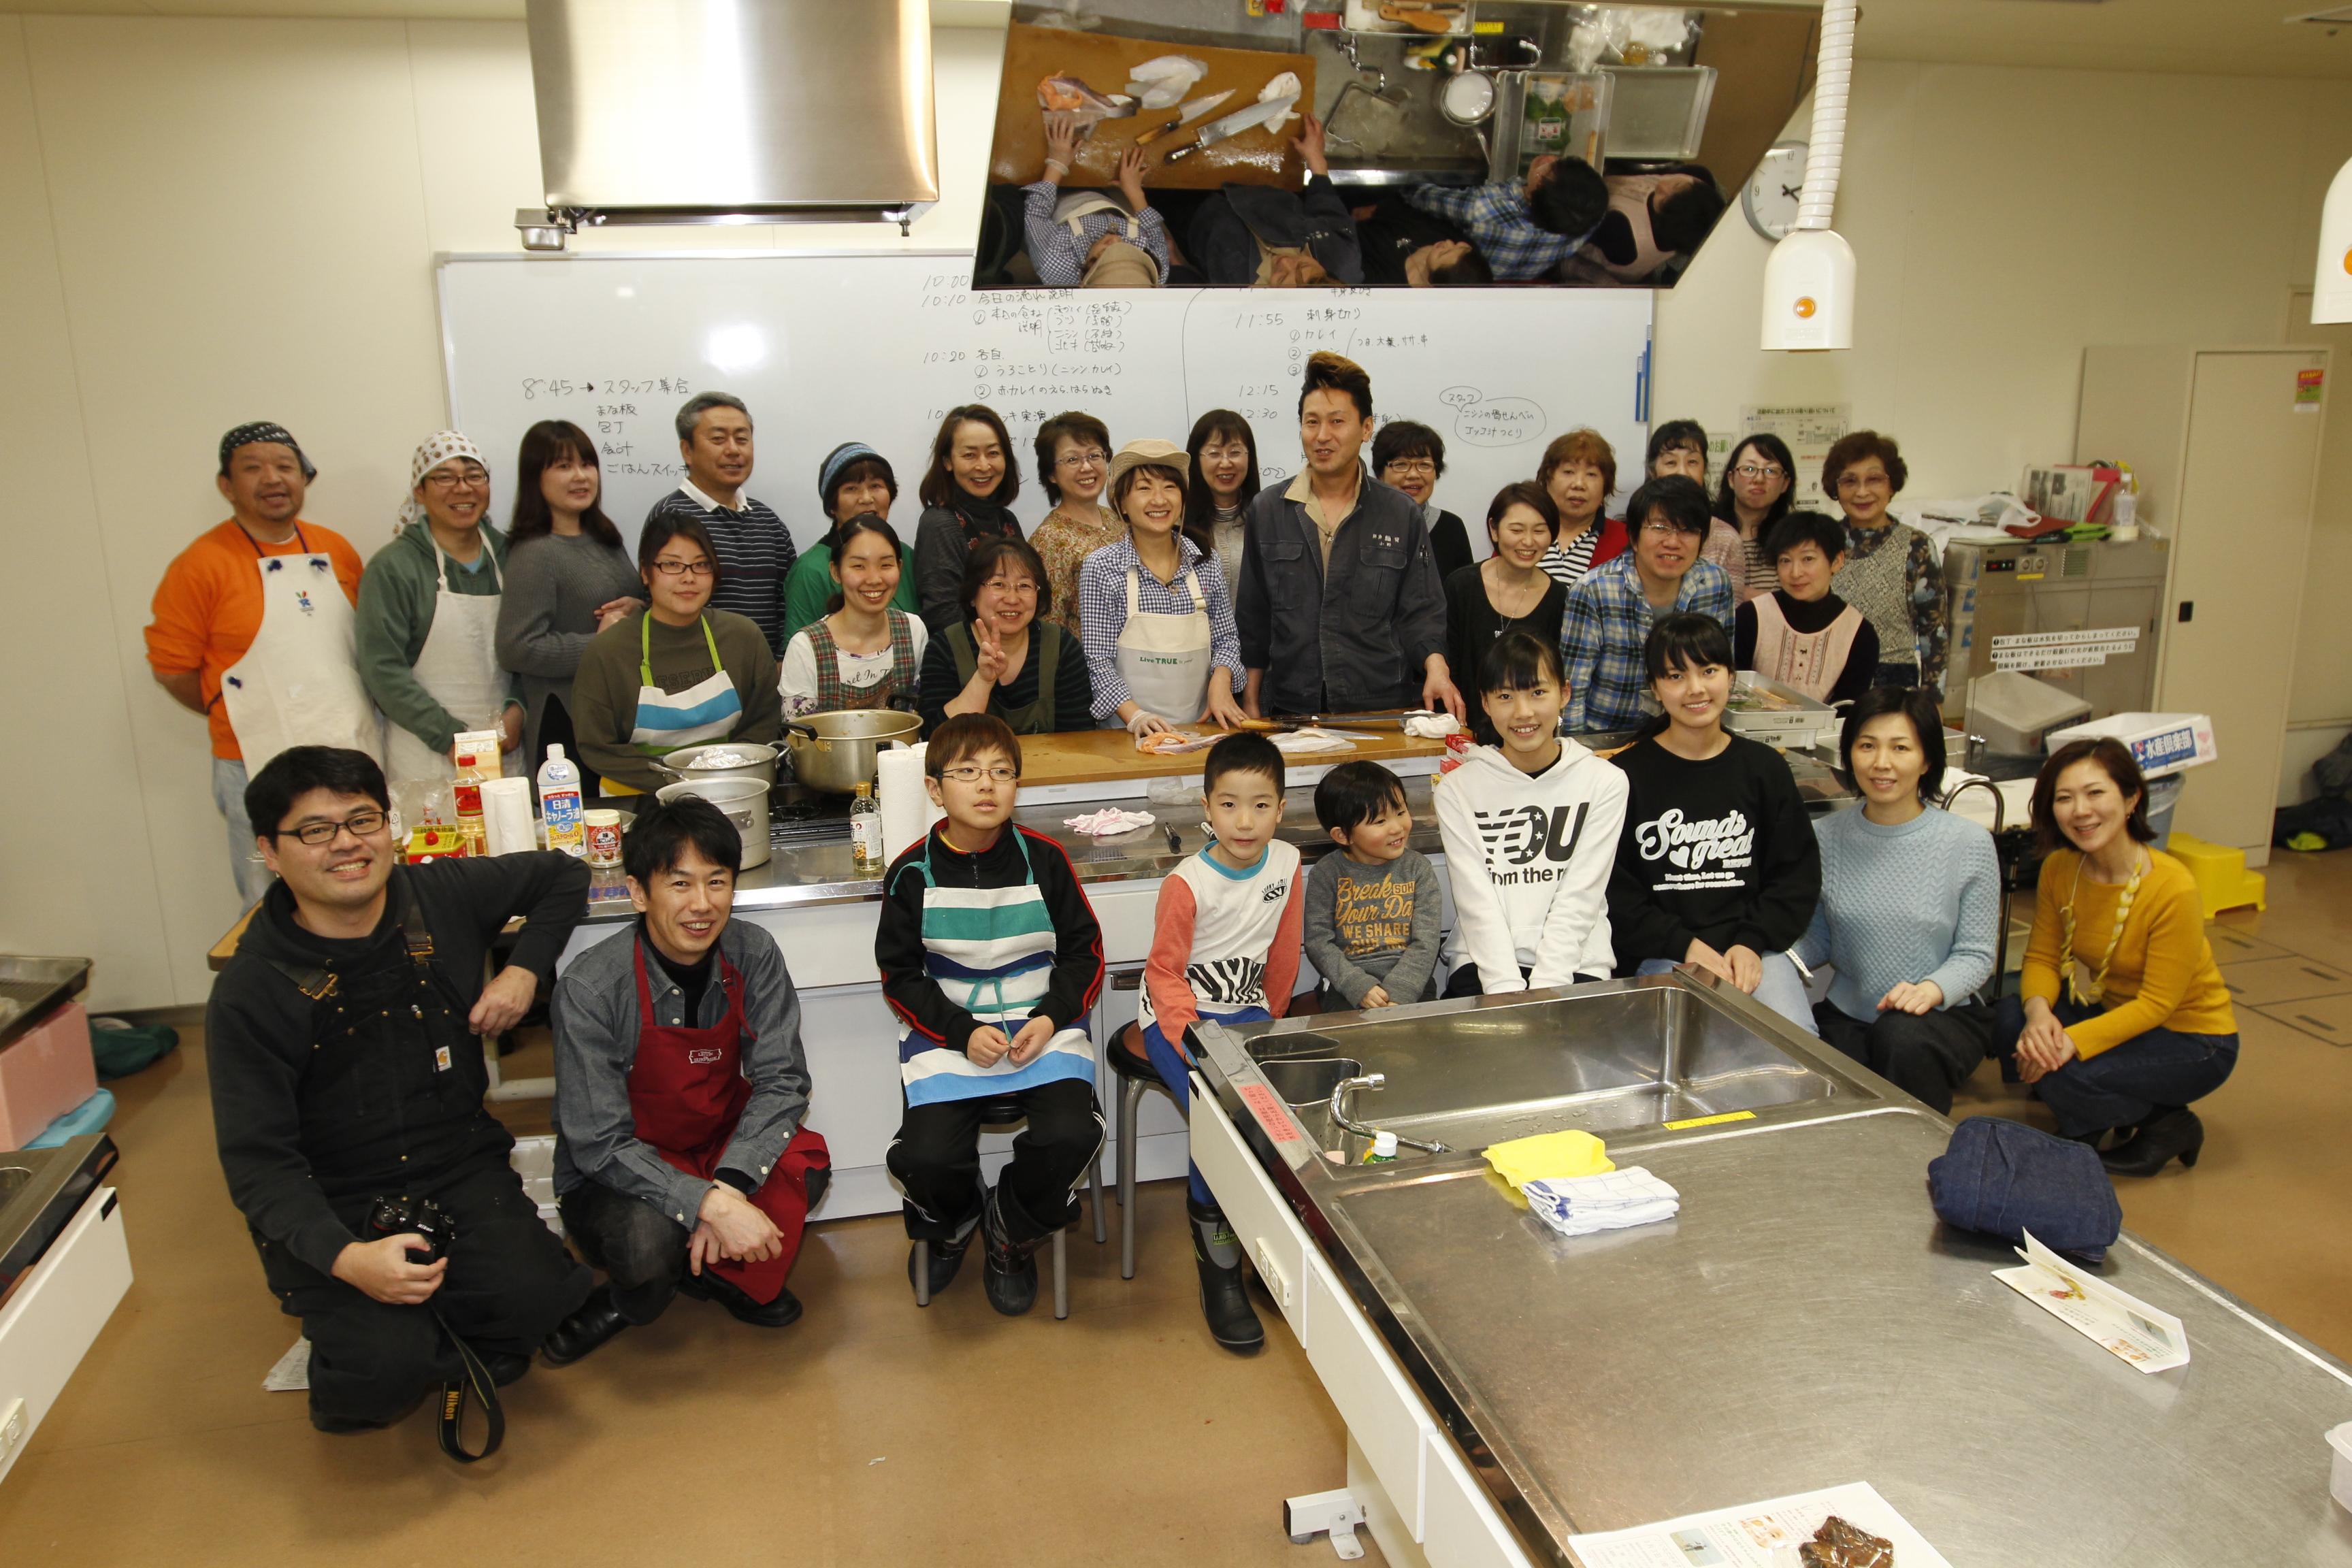 お魚料理教室2017年2月 鮮魚鯔背小野代表と一緒に!